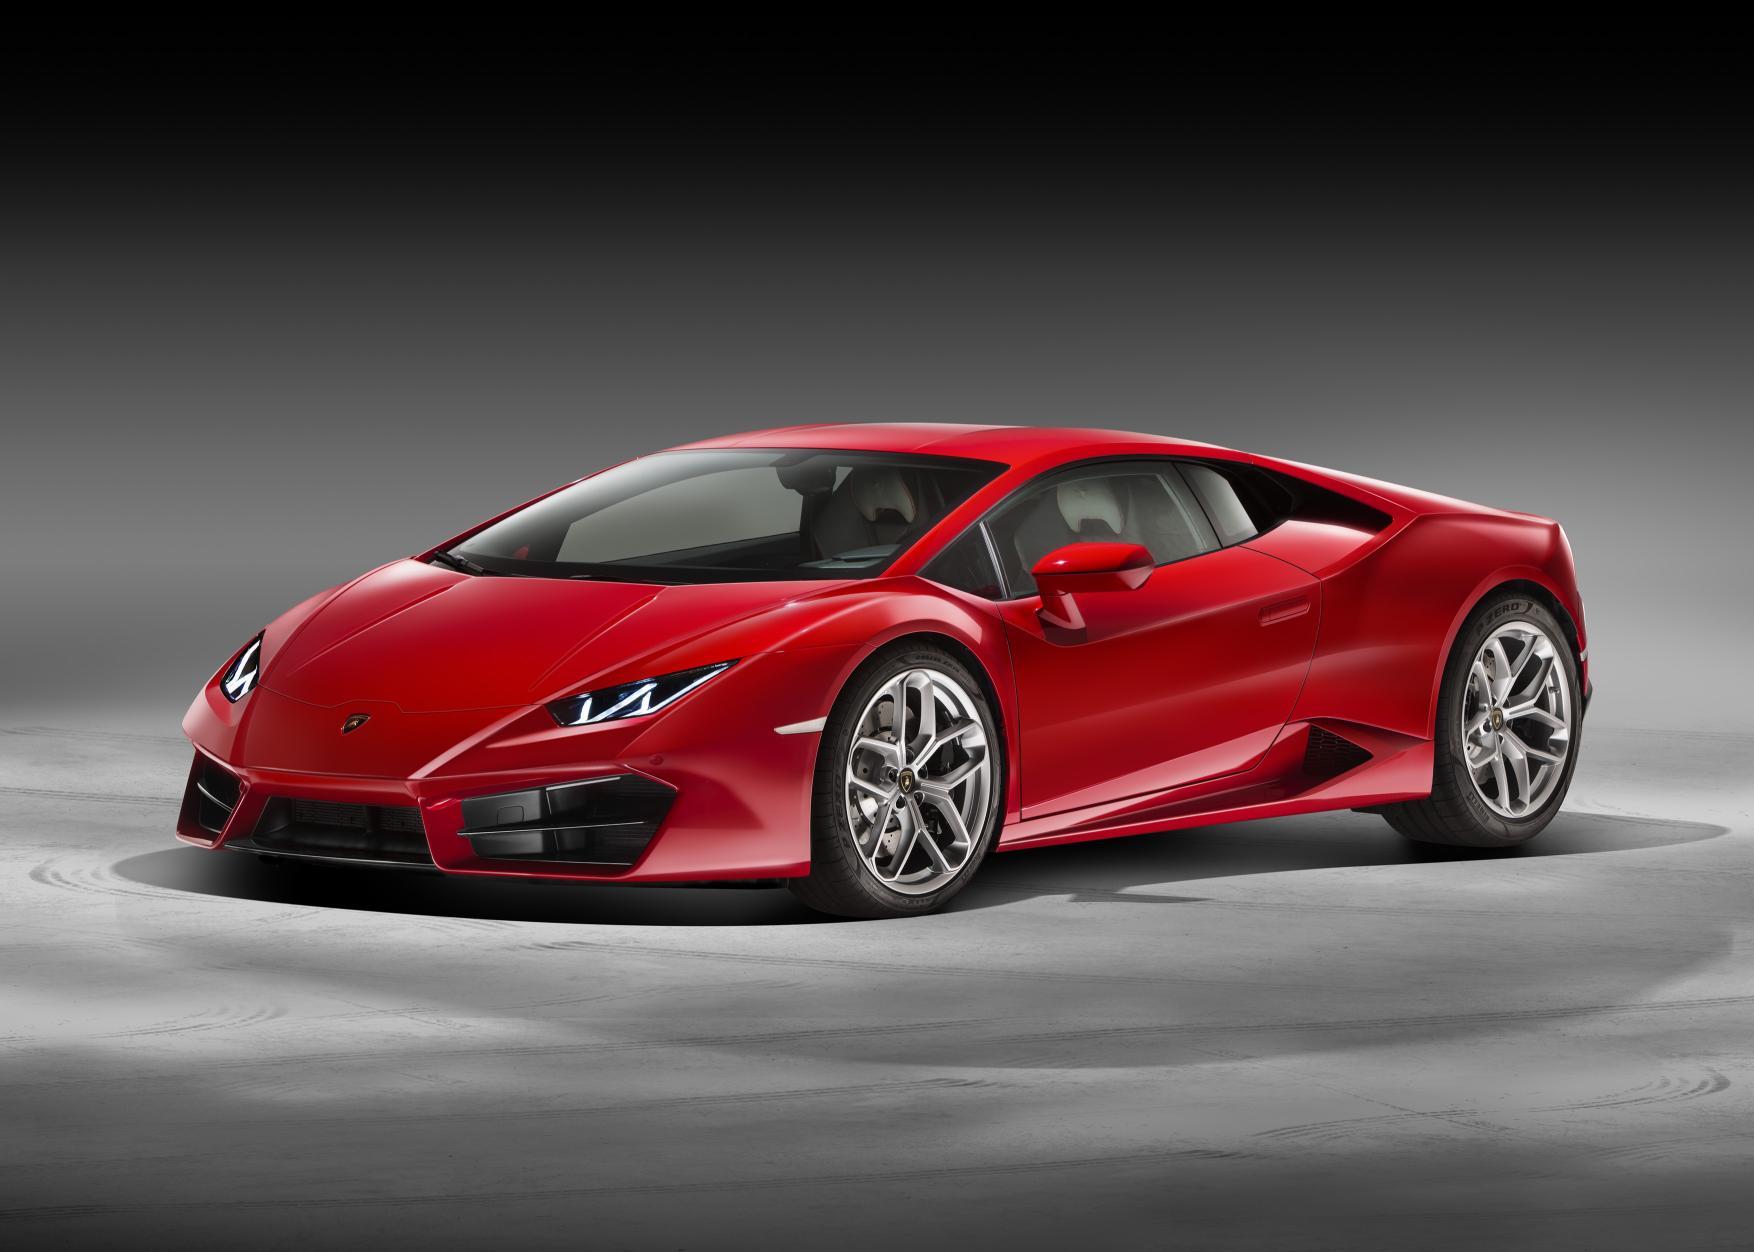 Lamborghini Huracán LP 580-2 a trazione posteriore: puro piacere di guida